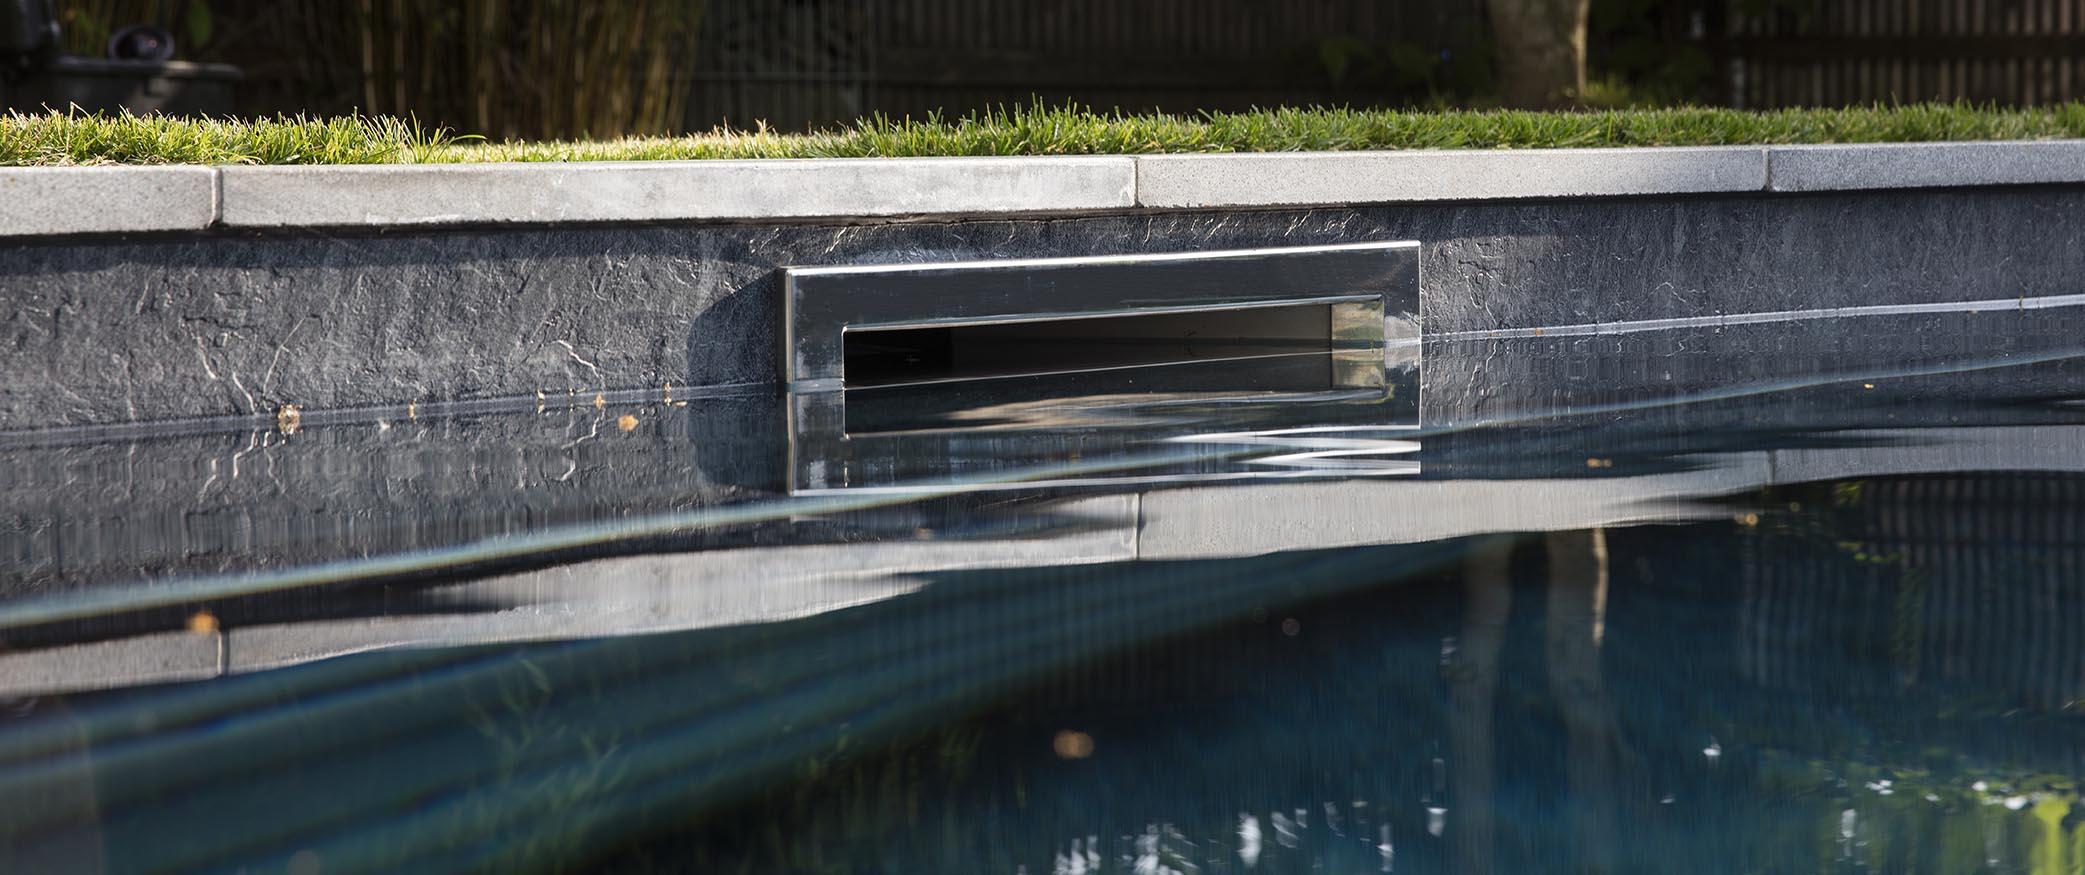 Технология подготовки воды - частный бассейн 5